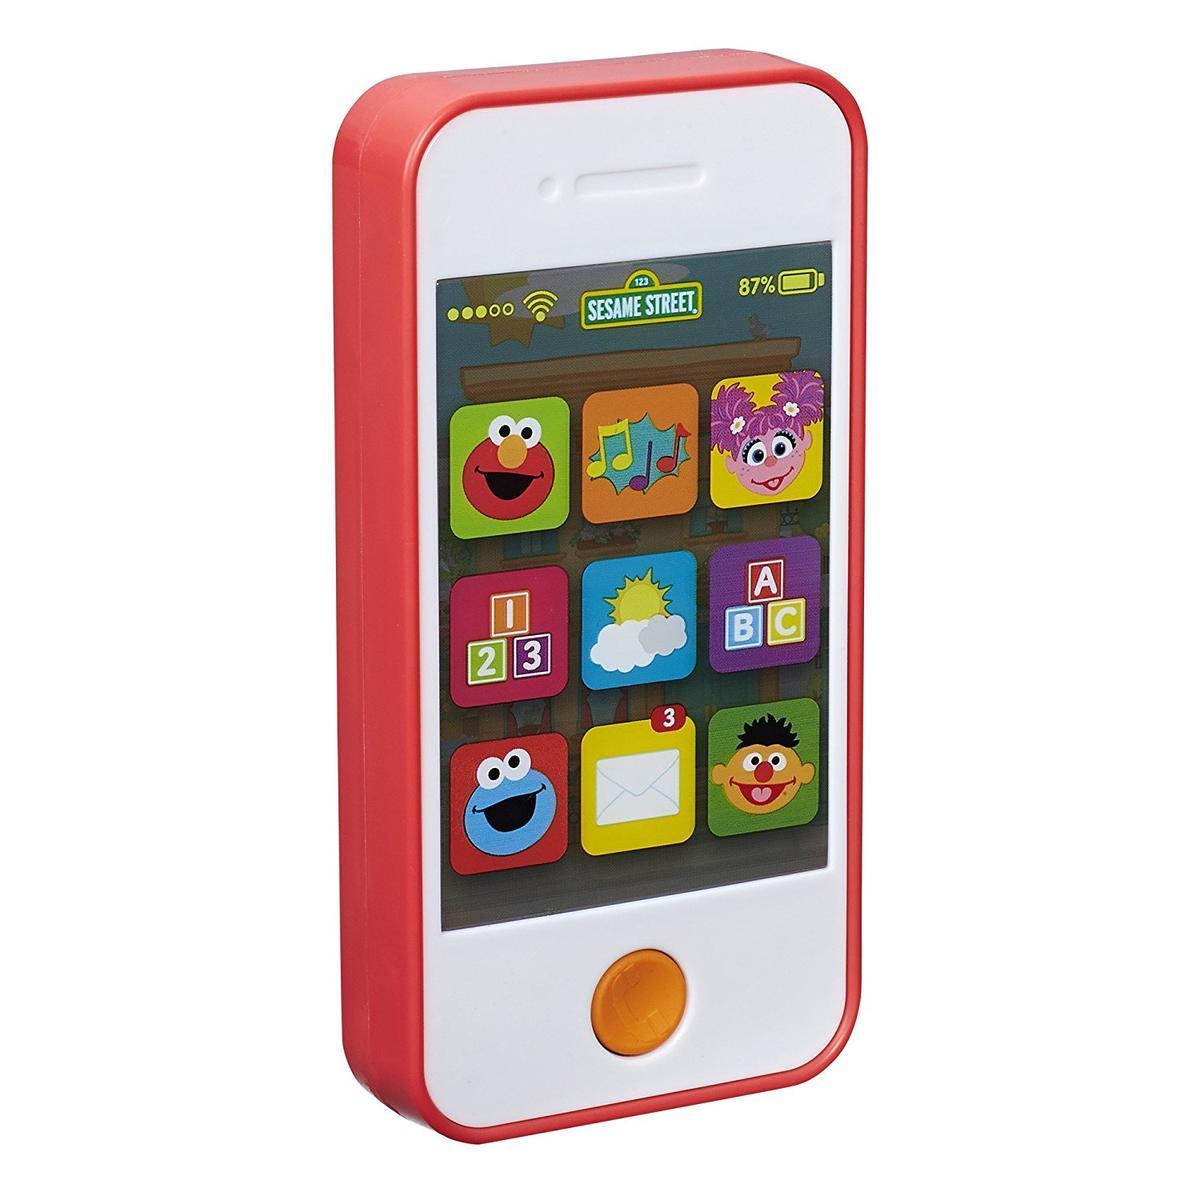 芝麻街玩具智能手機Sumaho手機英語學習研究學習益智玩具定期航班